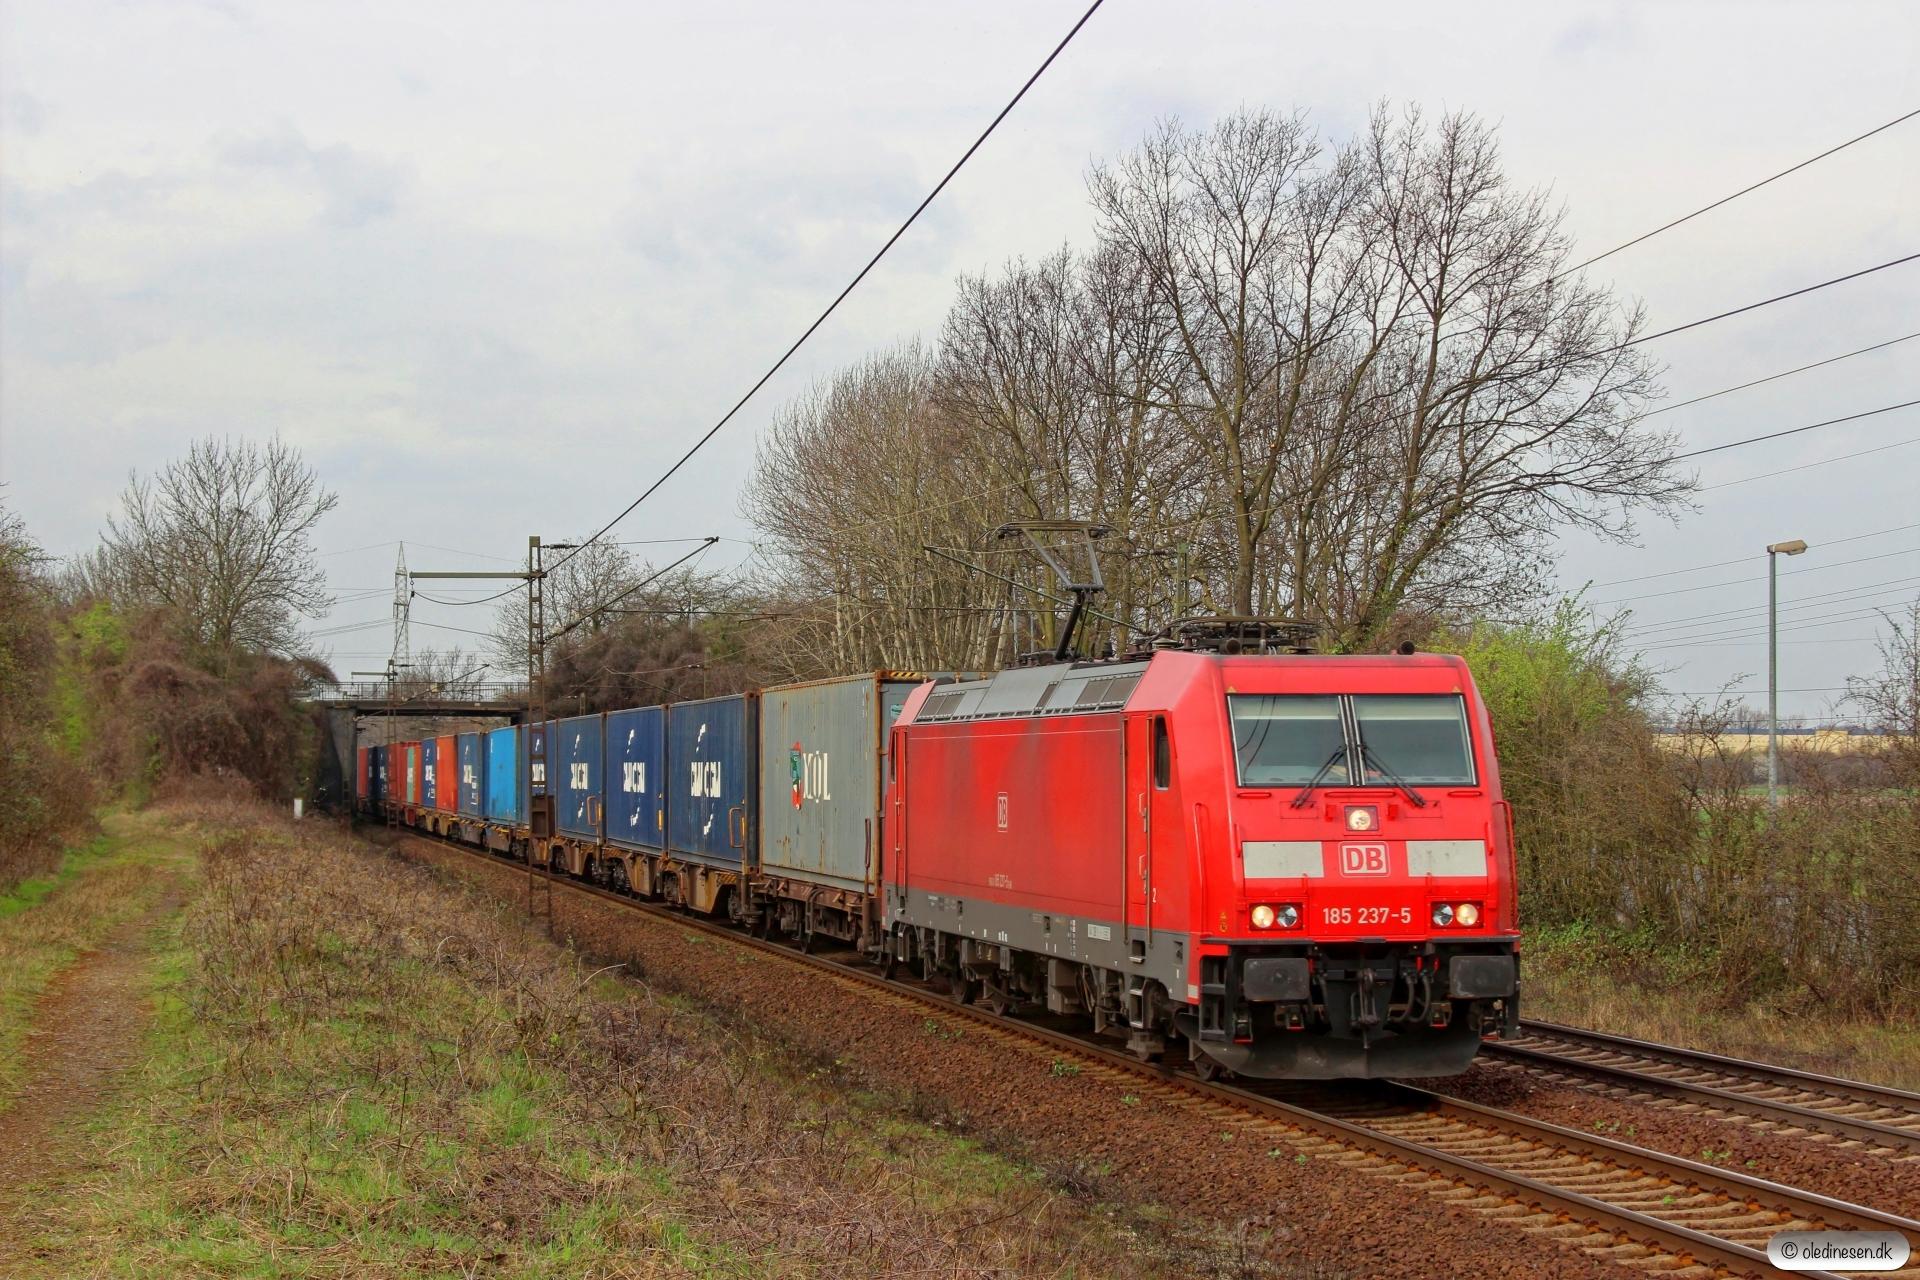 DB 185 237-5. Ahlten 21.03.2014.